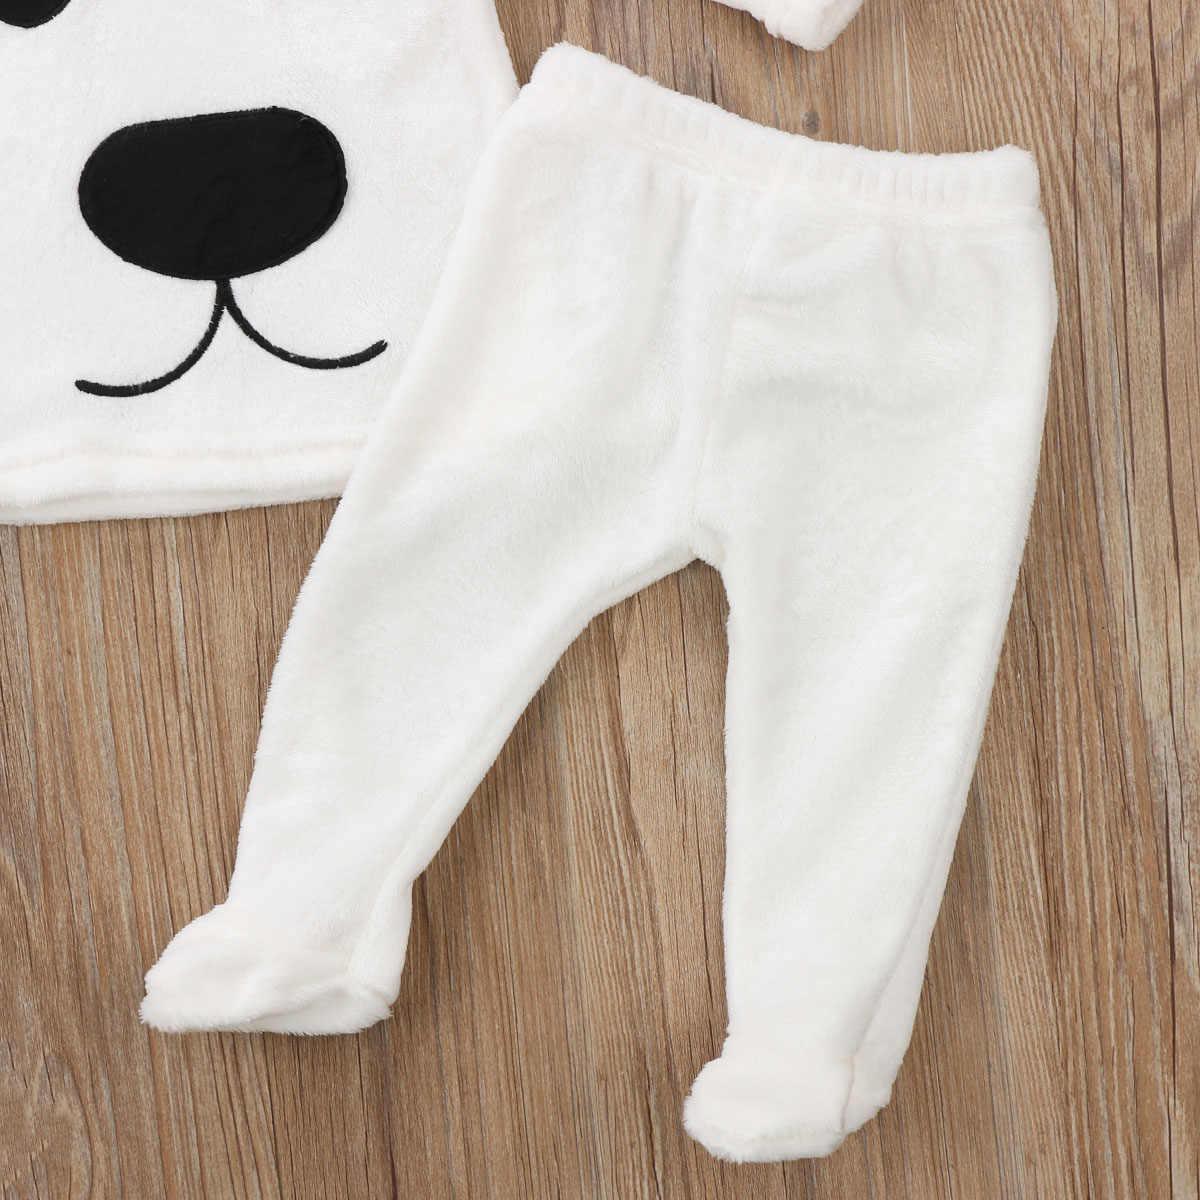 3 قطع طويلة الأكمام الصوف الدب بانت الأعلى و طقم قبعات للطفل الصبي الملابس الشتوية الدافئة